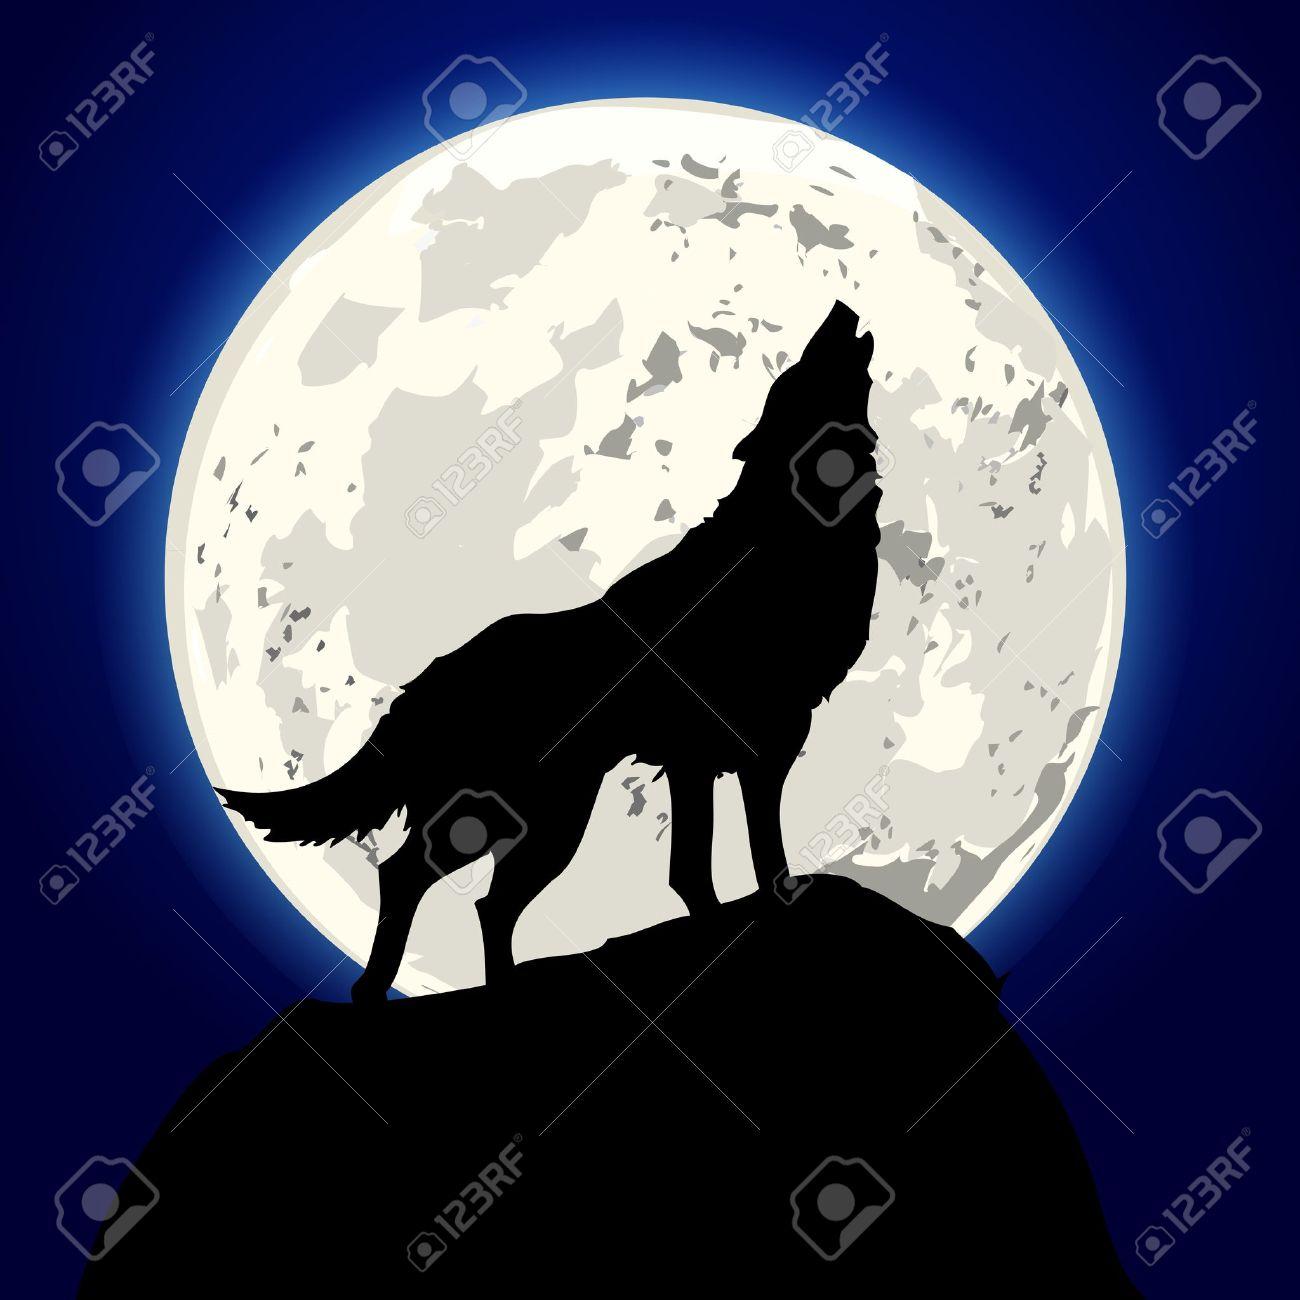 Ilustración Detallada De Un Lobo Aullando Frente A La Luna